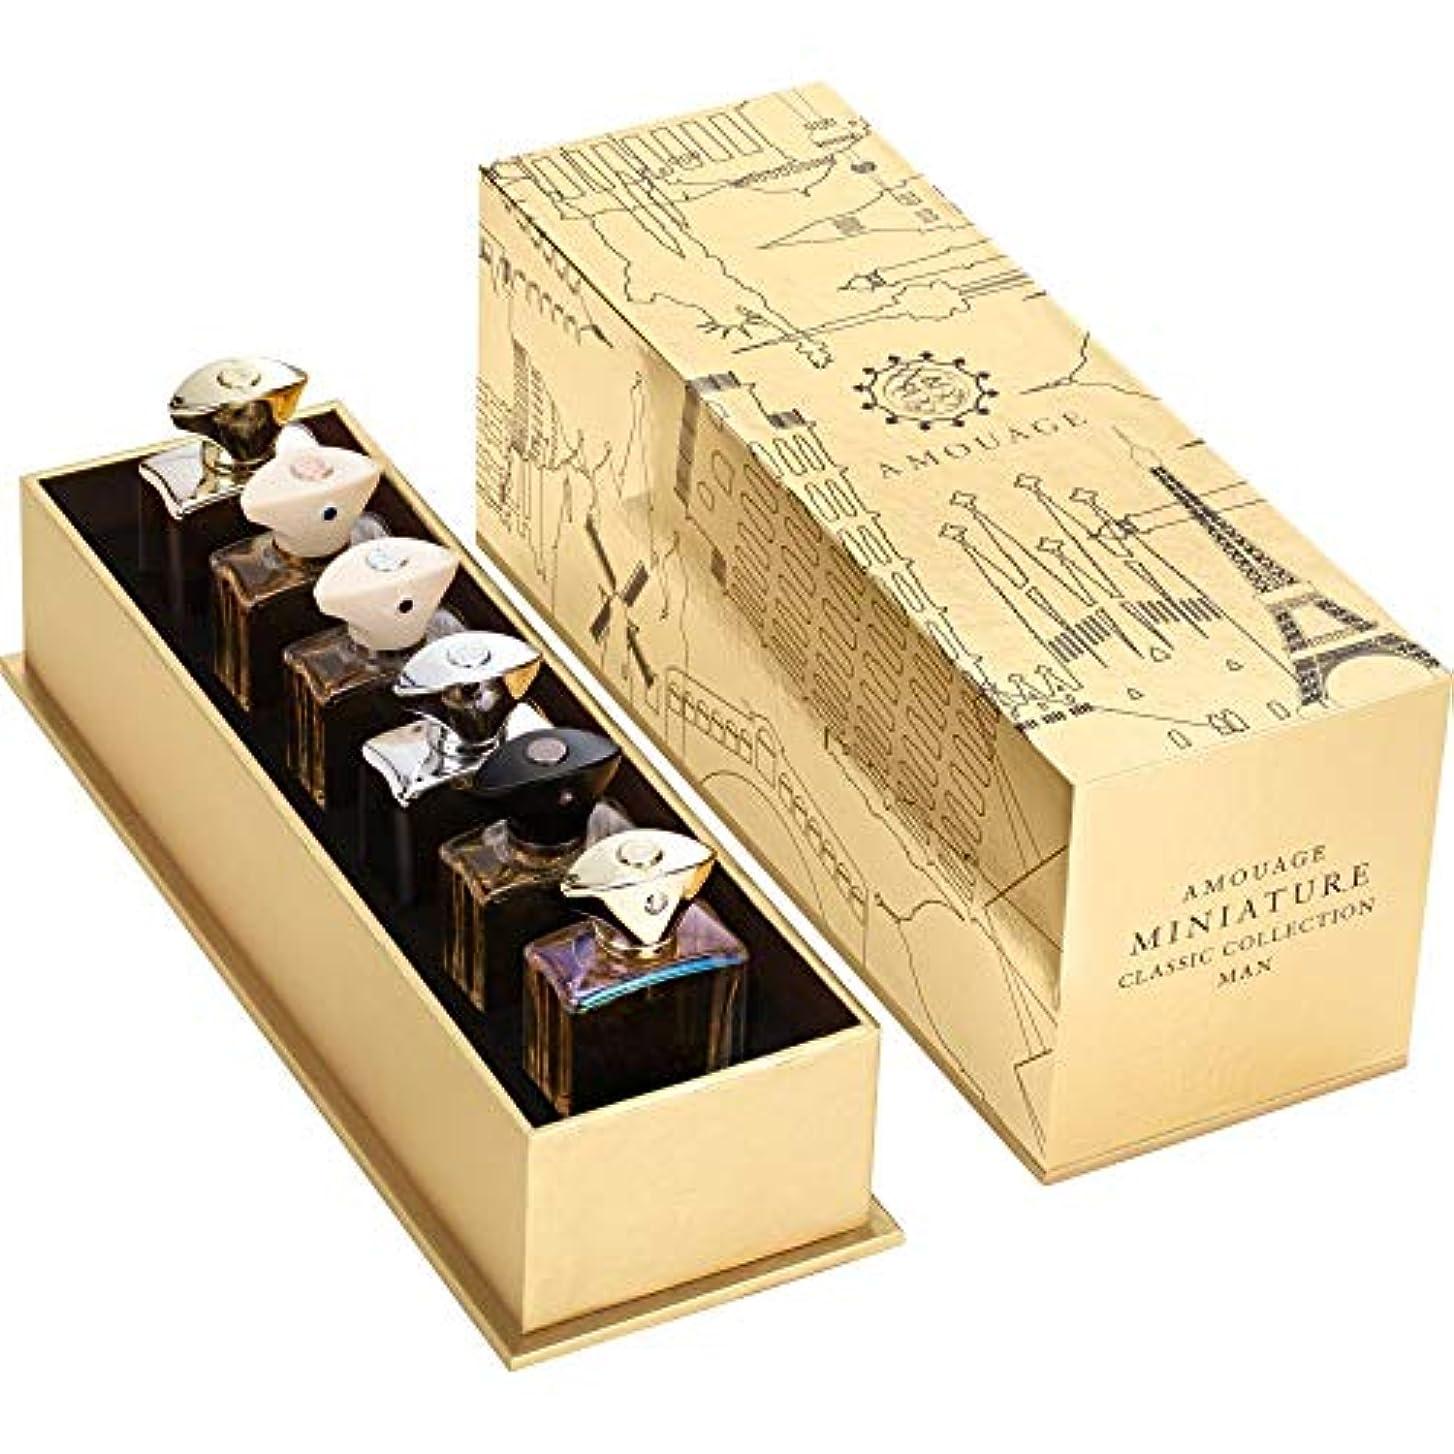 マーチャンダイジングテレックス教義AMOUAGE Miniatures Bottles Collection Classic Men's Fragrance Set(アムアージュ ミニチュアコレクションセット クラシック マン) [並行輸入品]